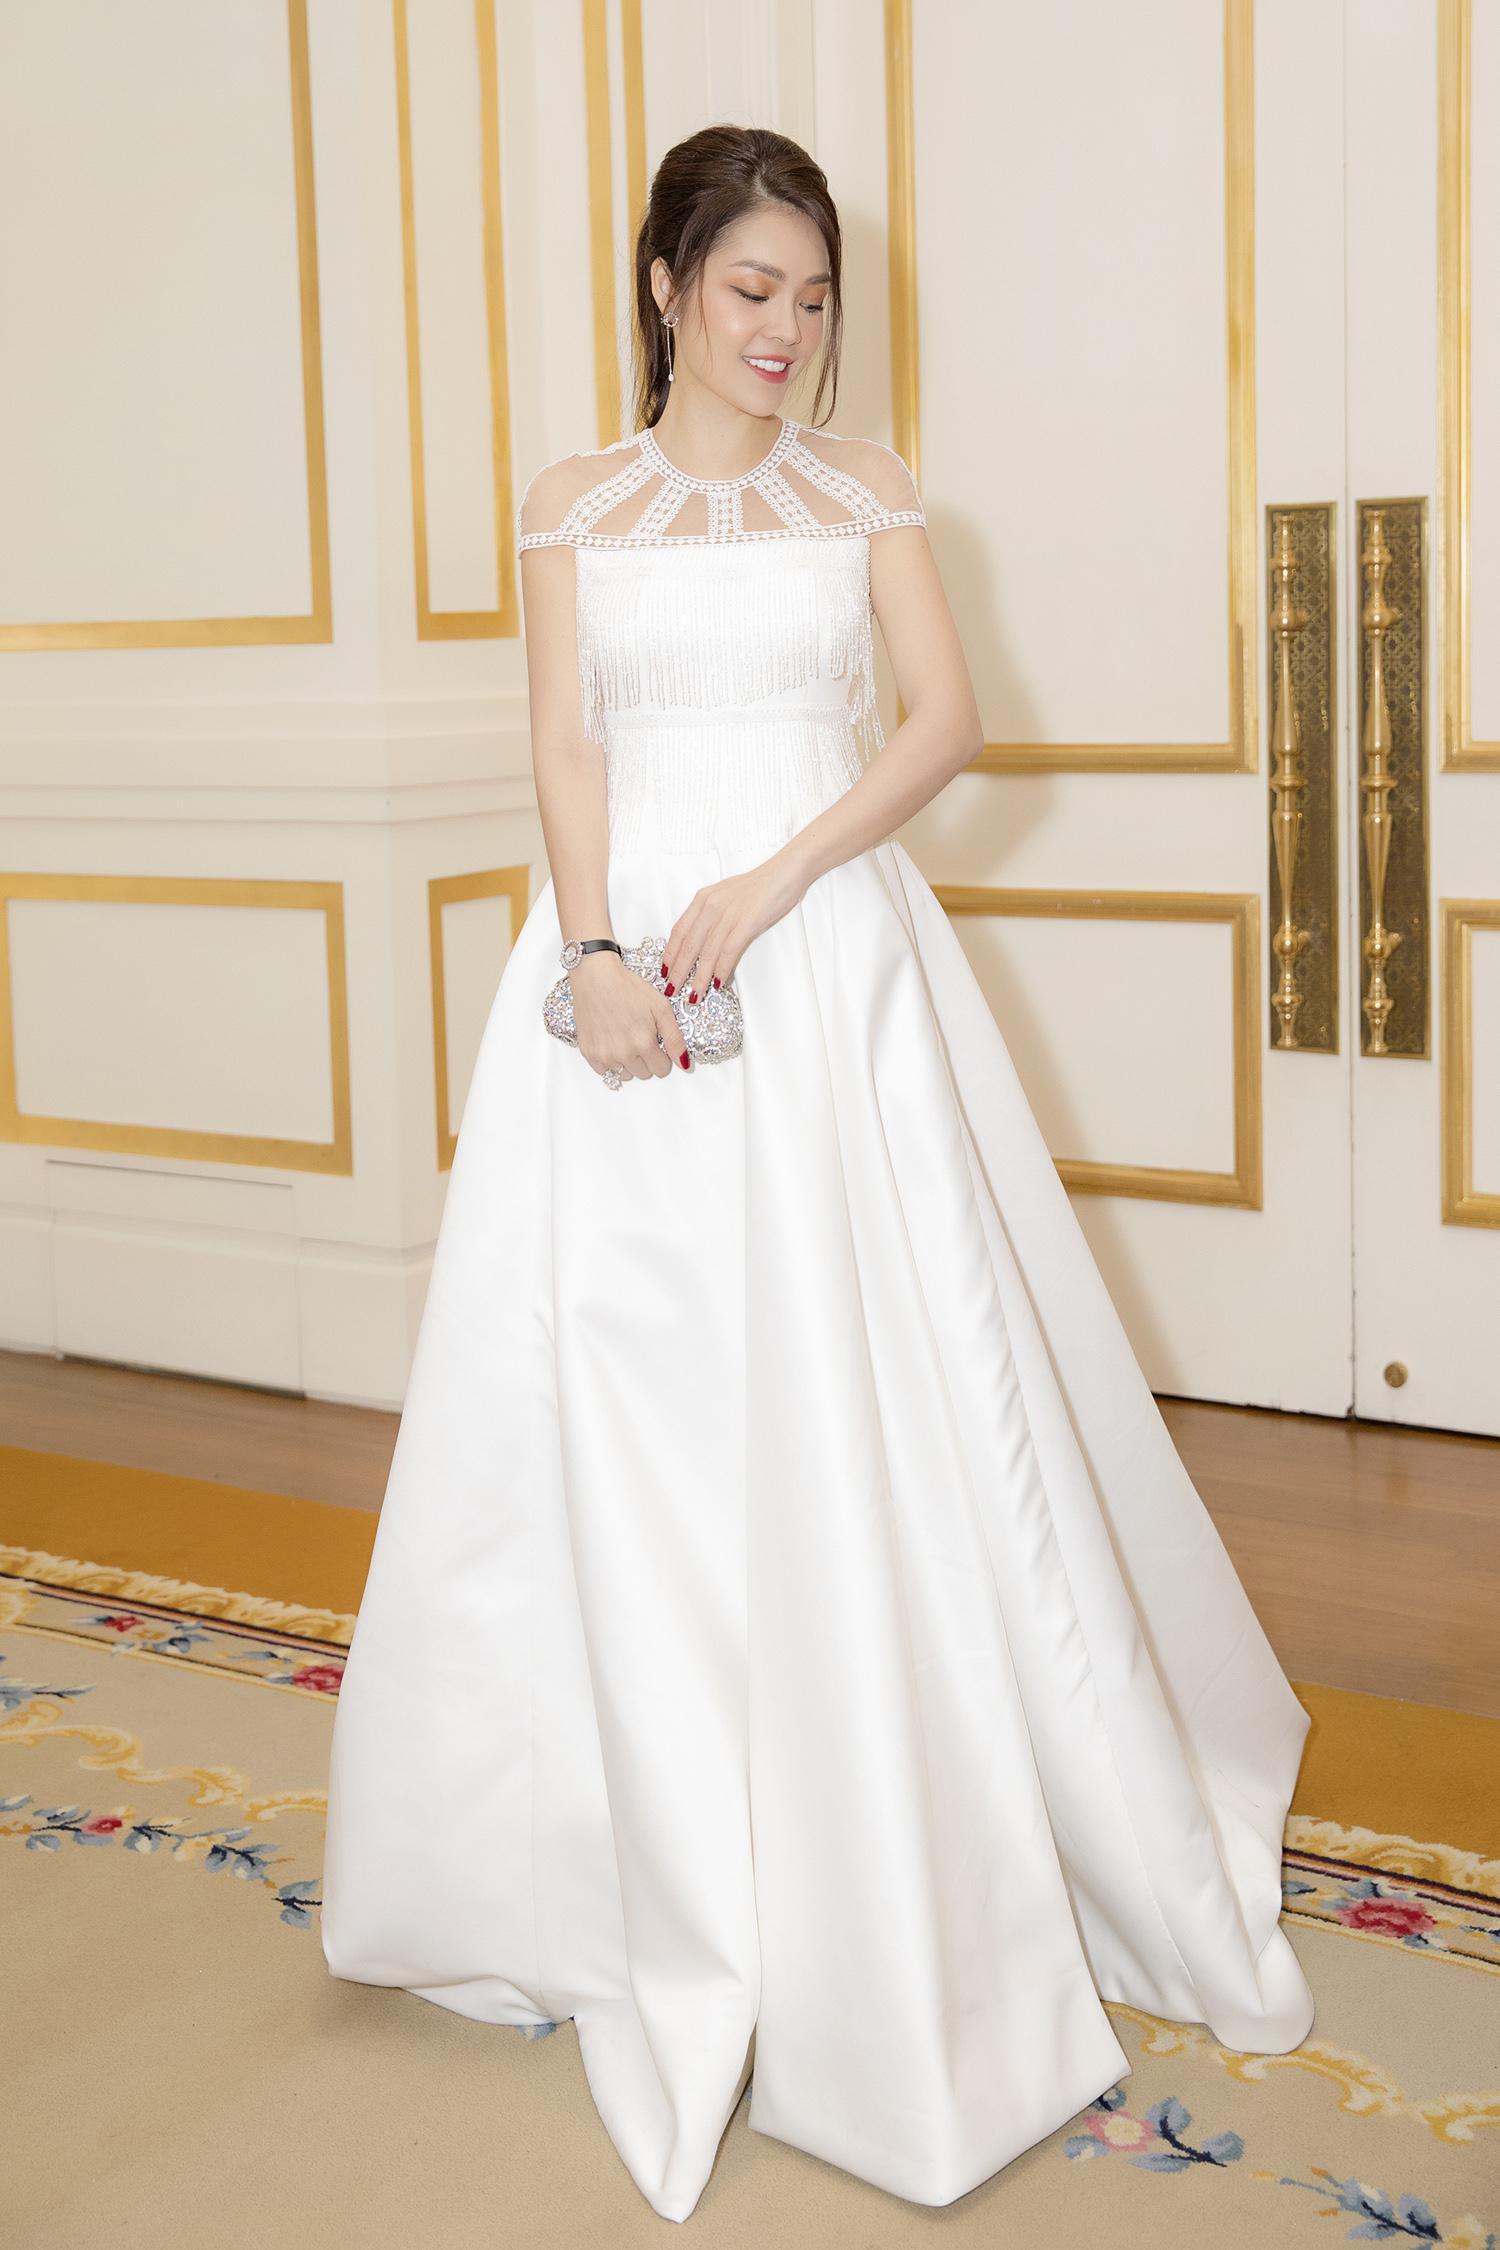 Dương Cẩm Lynh bất ngờ mặc váy cưới khiến khán giả tò mò Ảnh 3